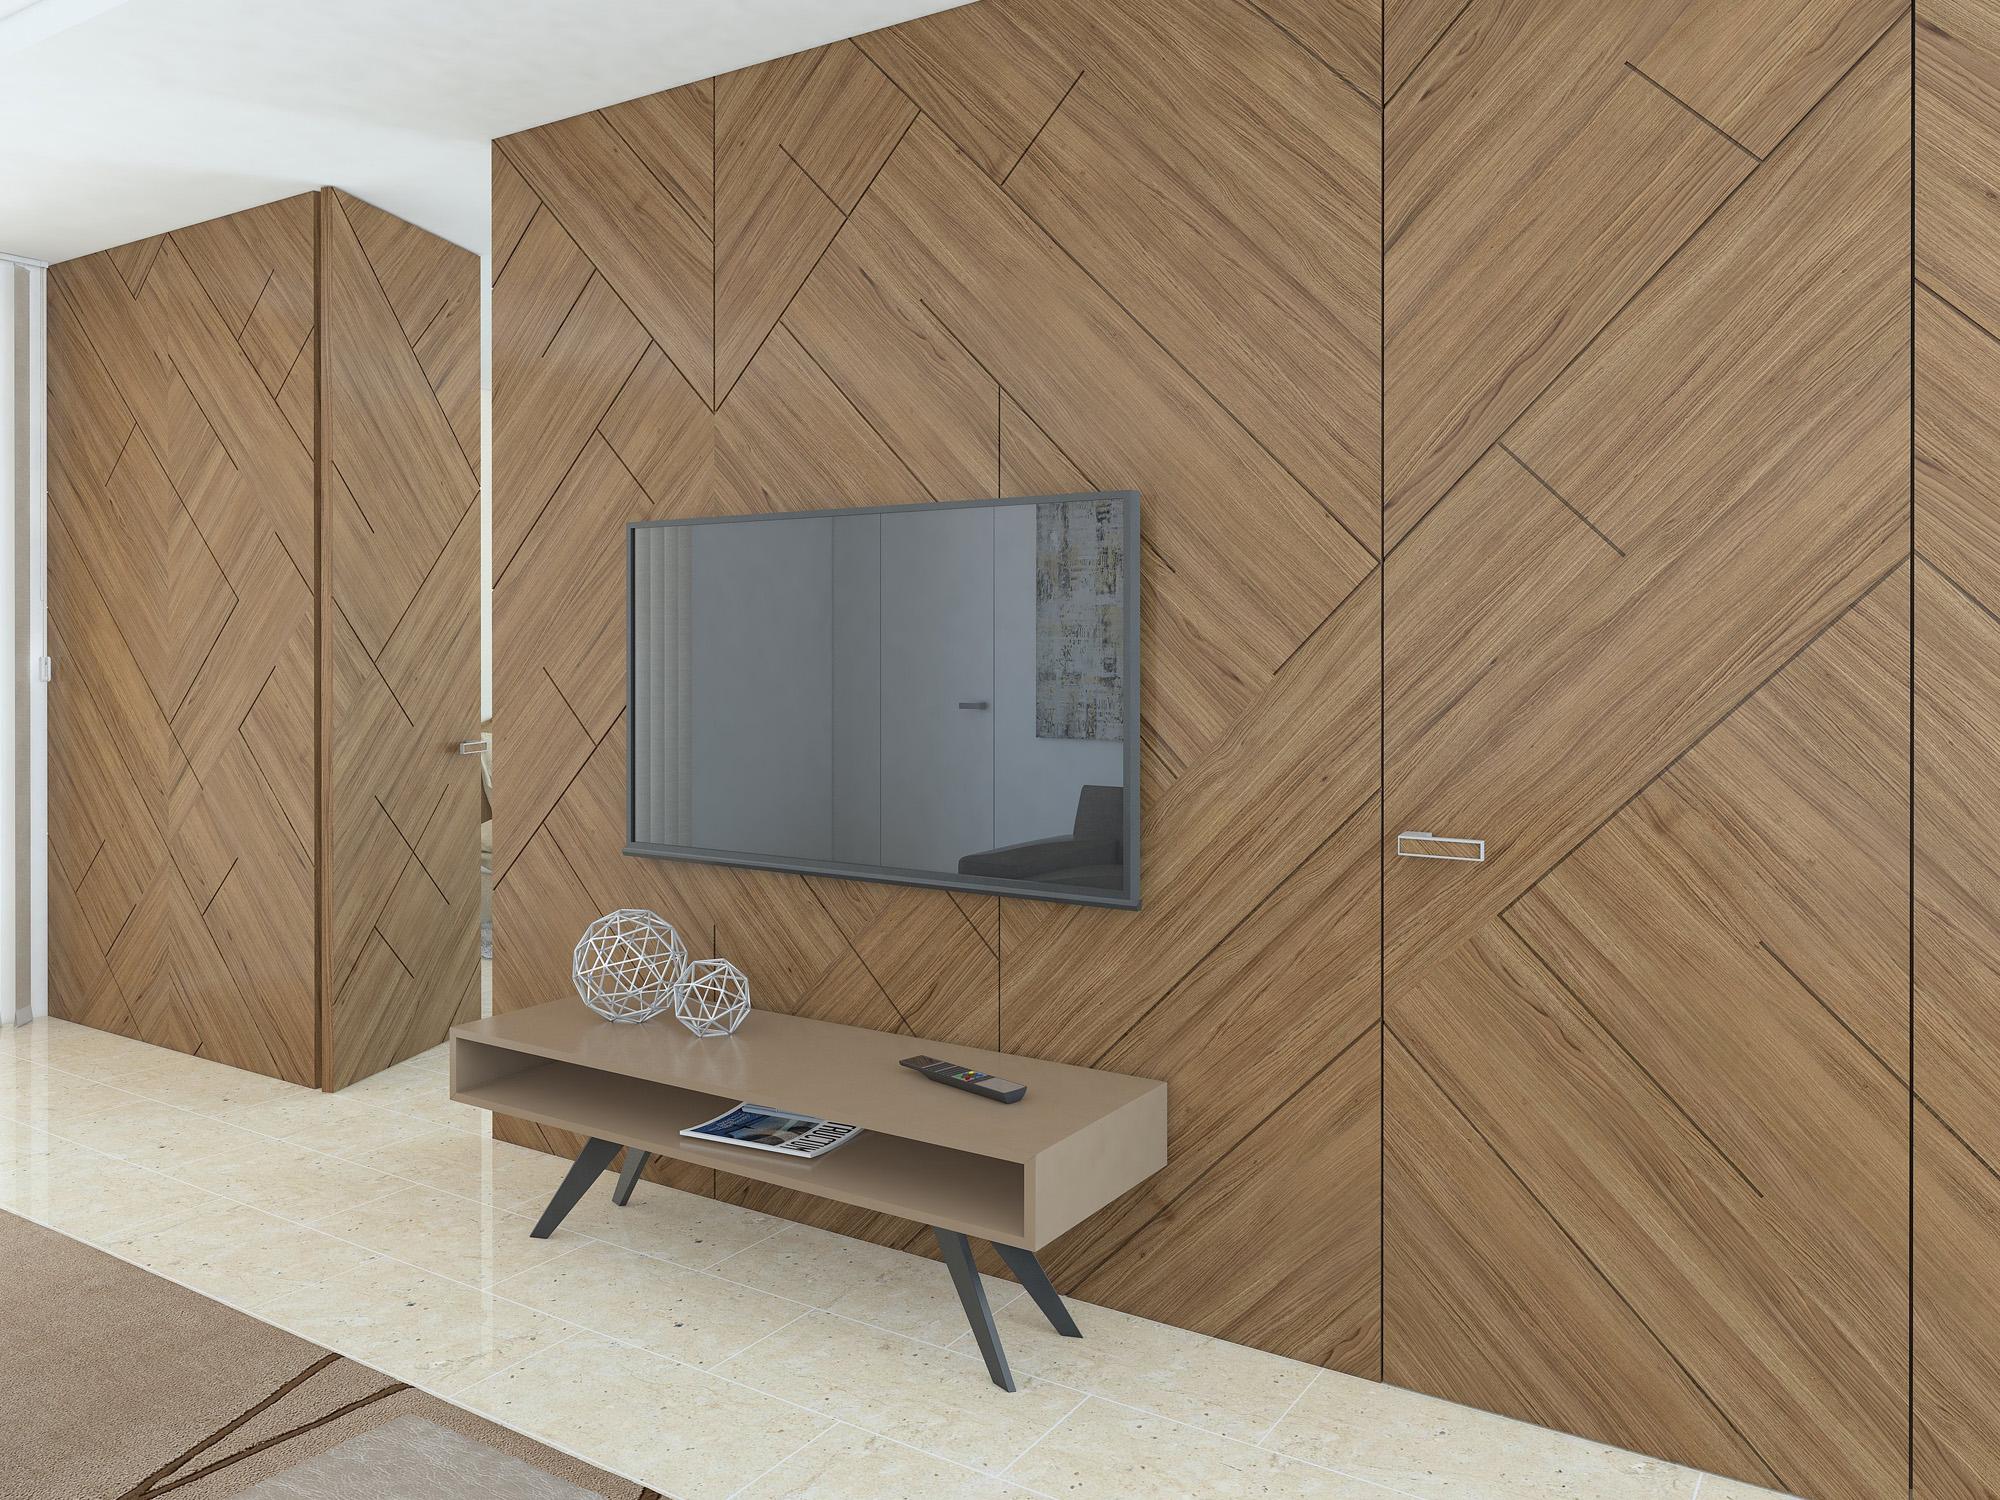 wood panels. Black Bedroom Furniture Sets. Home Design Ideas